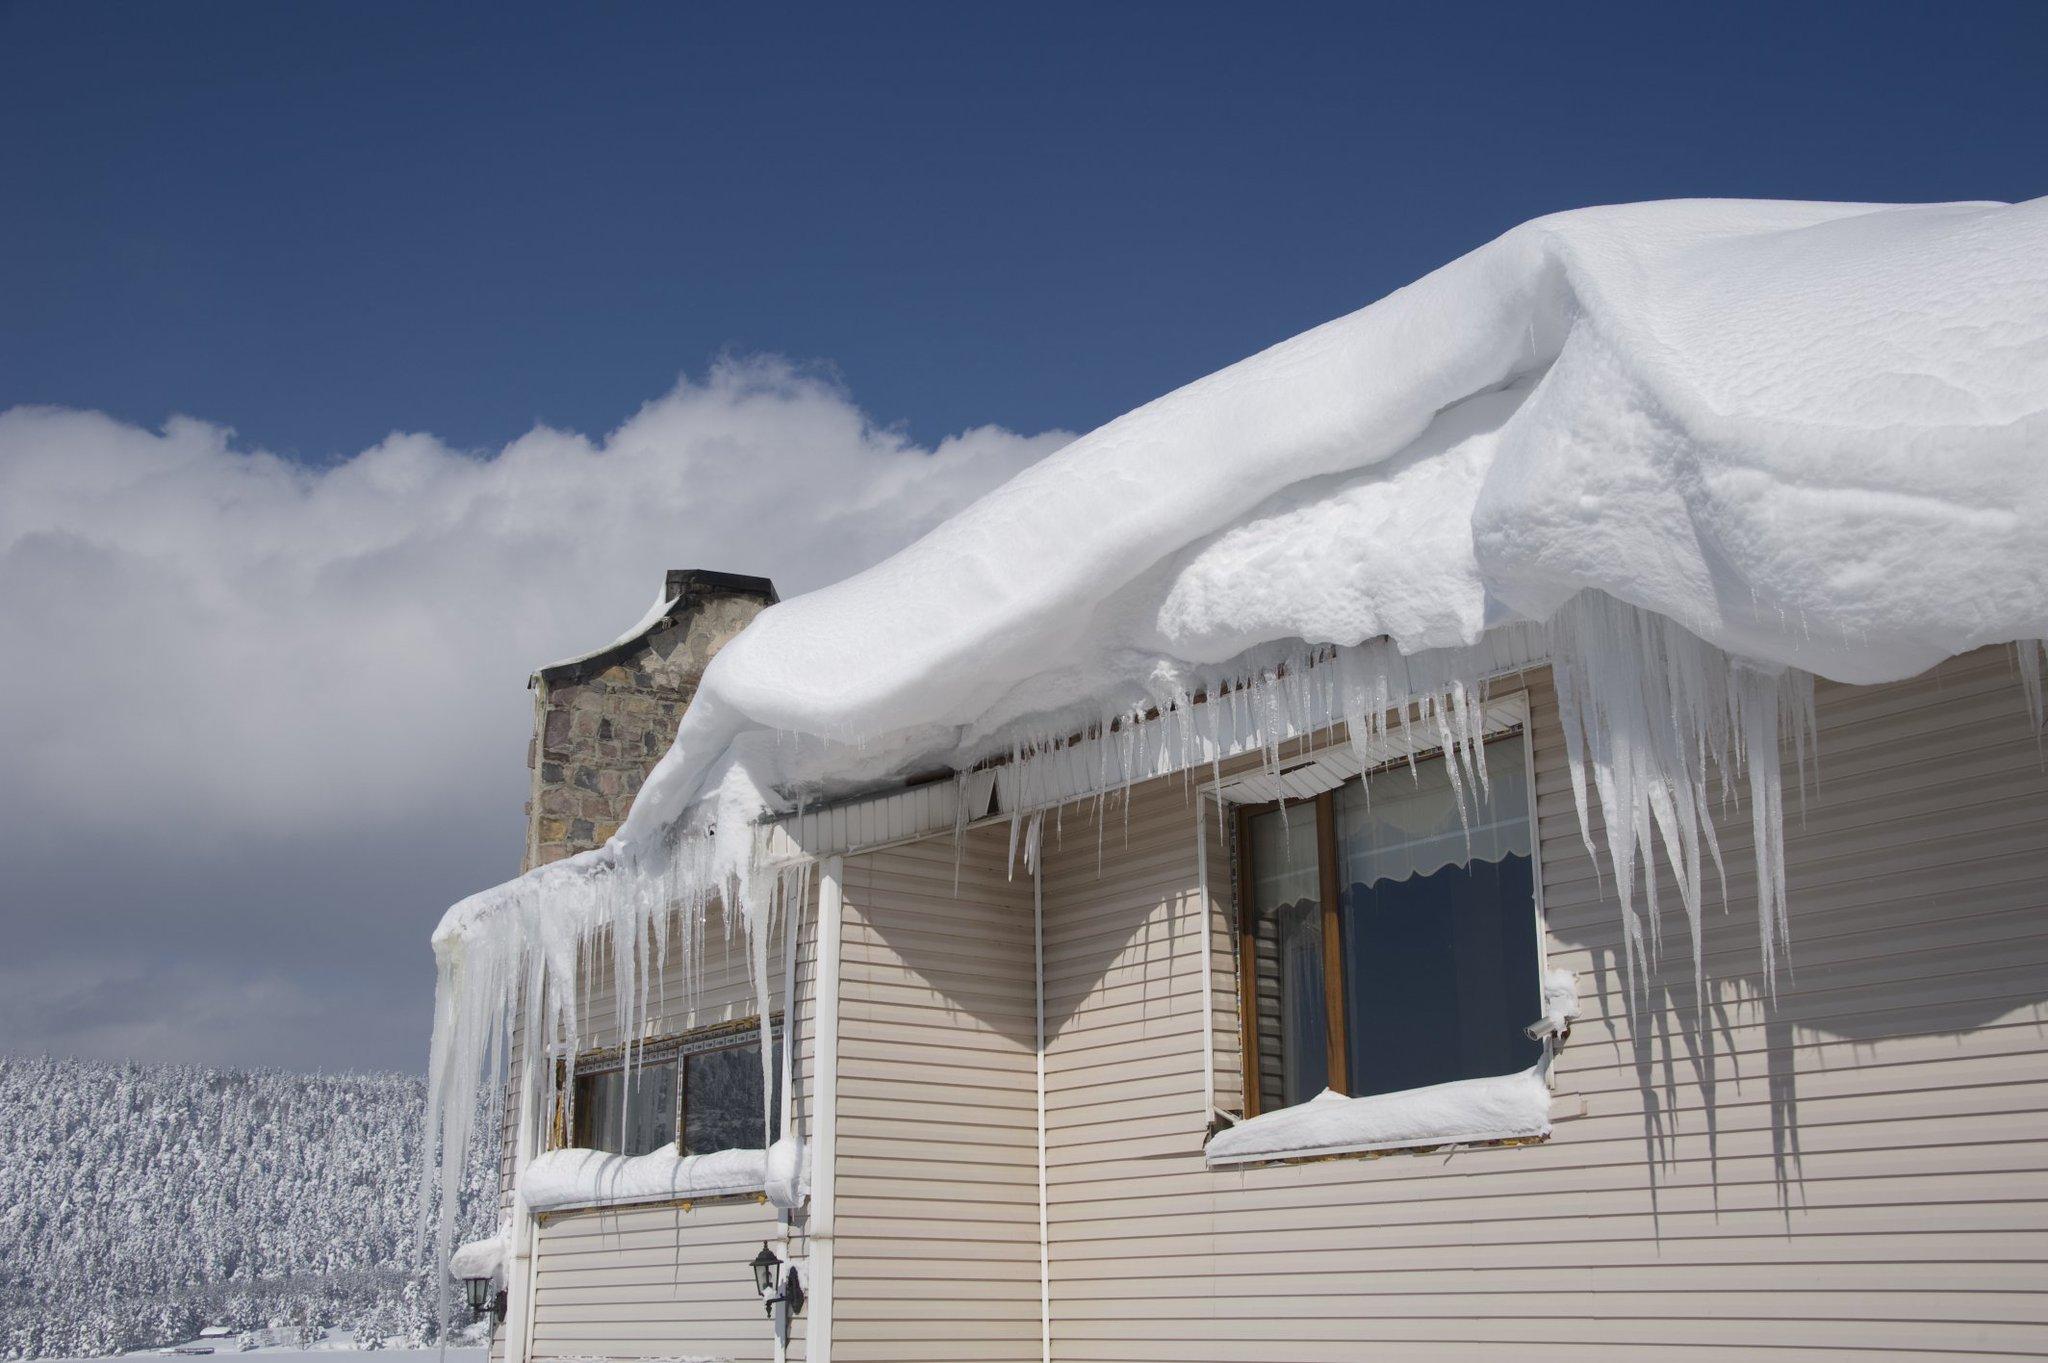 большущий медведь картинки крыши в снегу появится